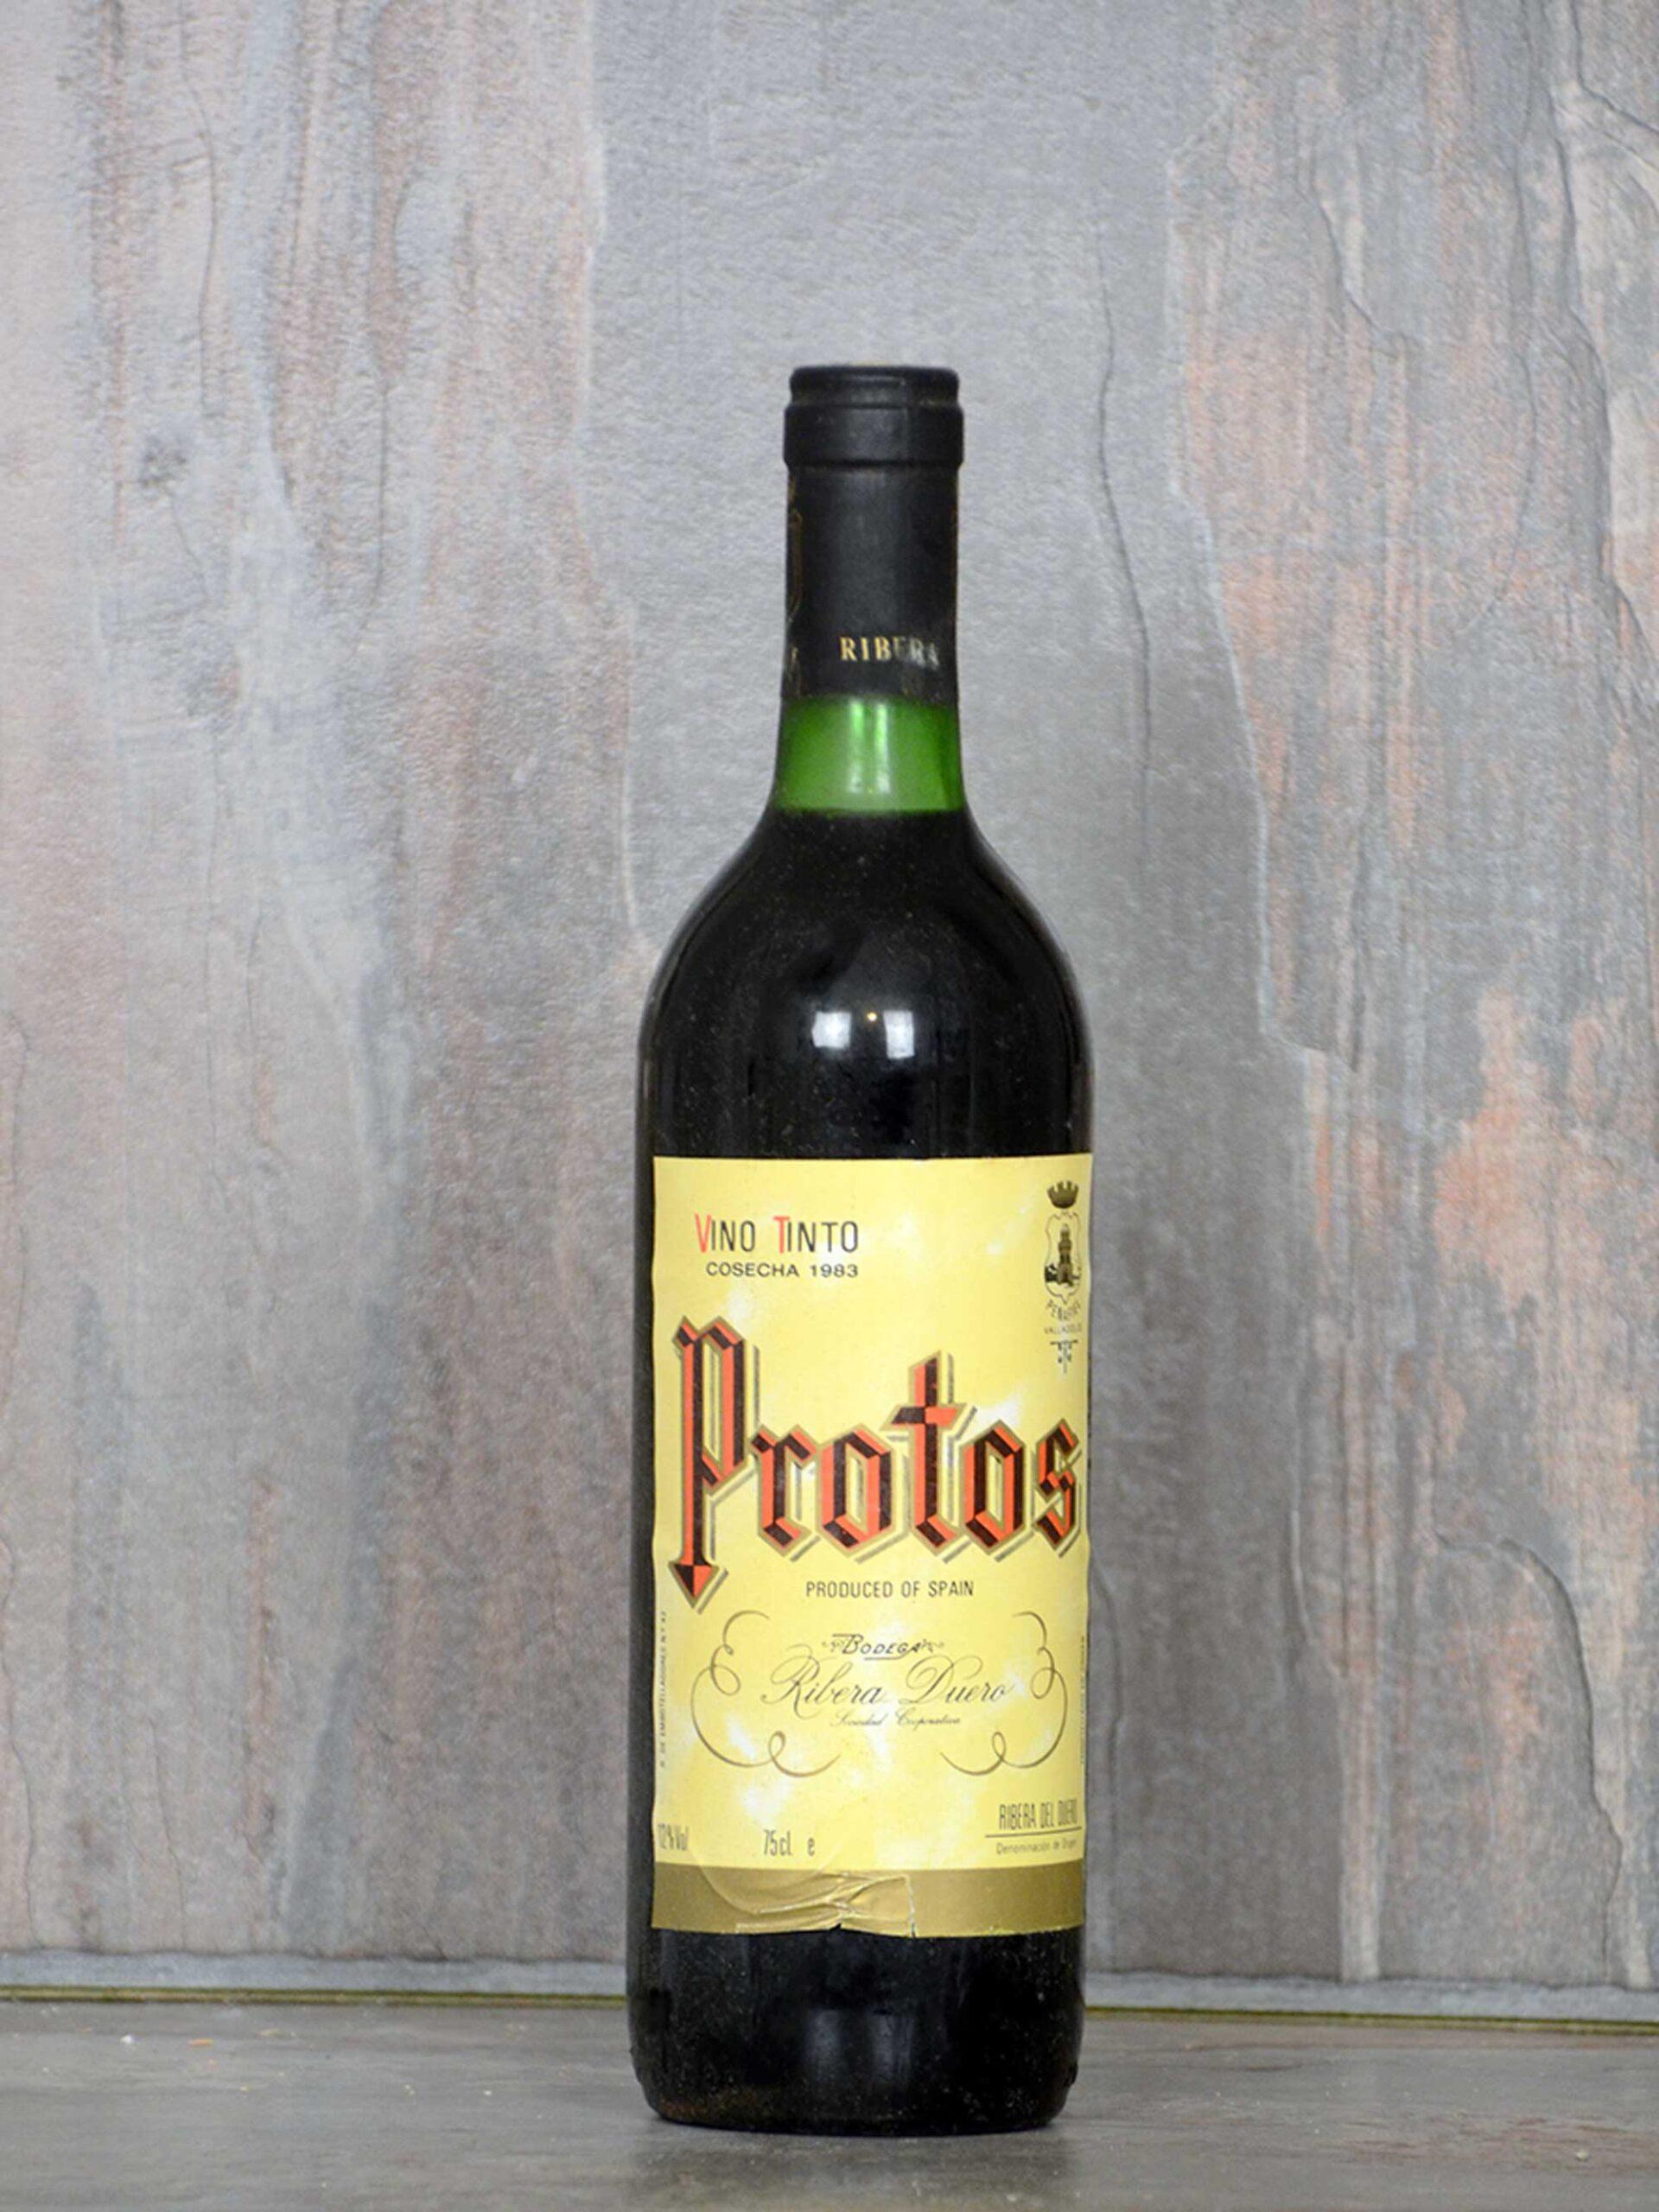 Protos 1983